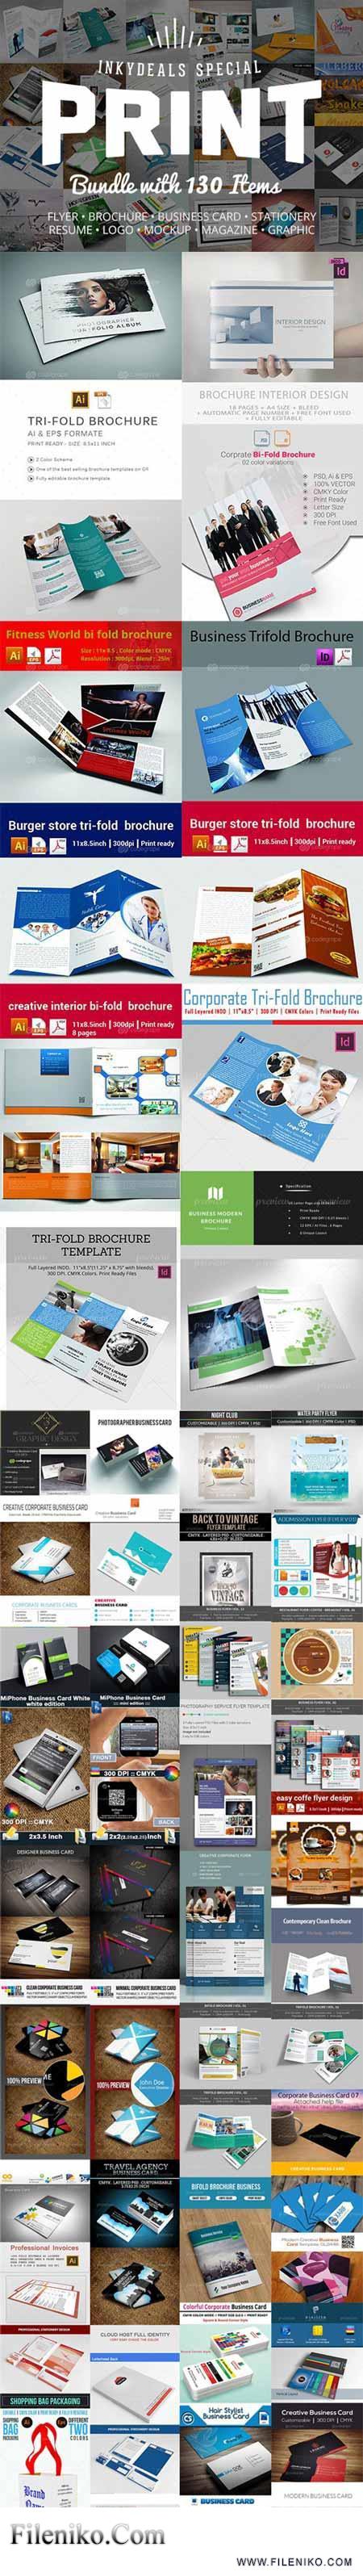 دانلود مجموعه تصاویر لایه باز بروشور، فلایر، مجله و پوسترهای تبلیغاتی The Ultimate Print Templates Bundle with 130 Items تصاویر پس زمینه و لایه باز مالتی مدیا